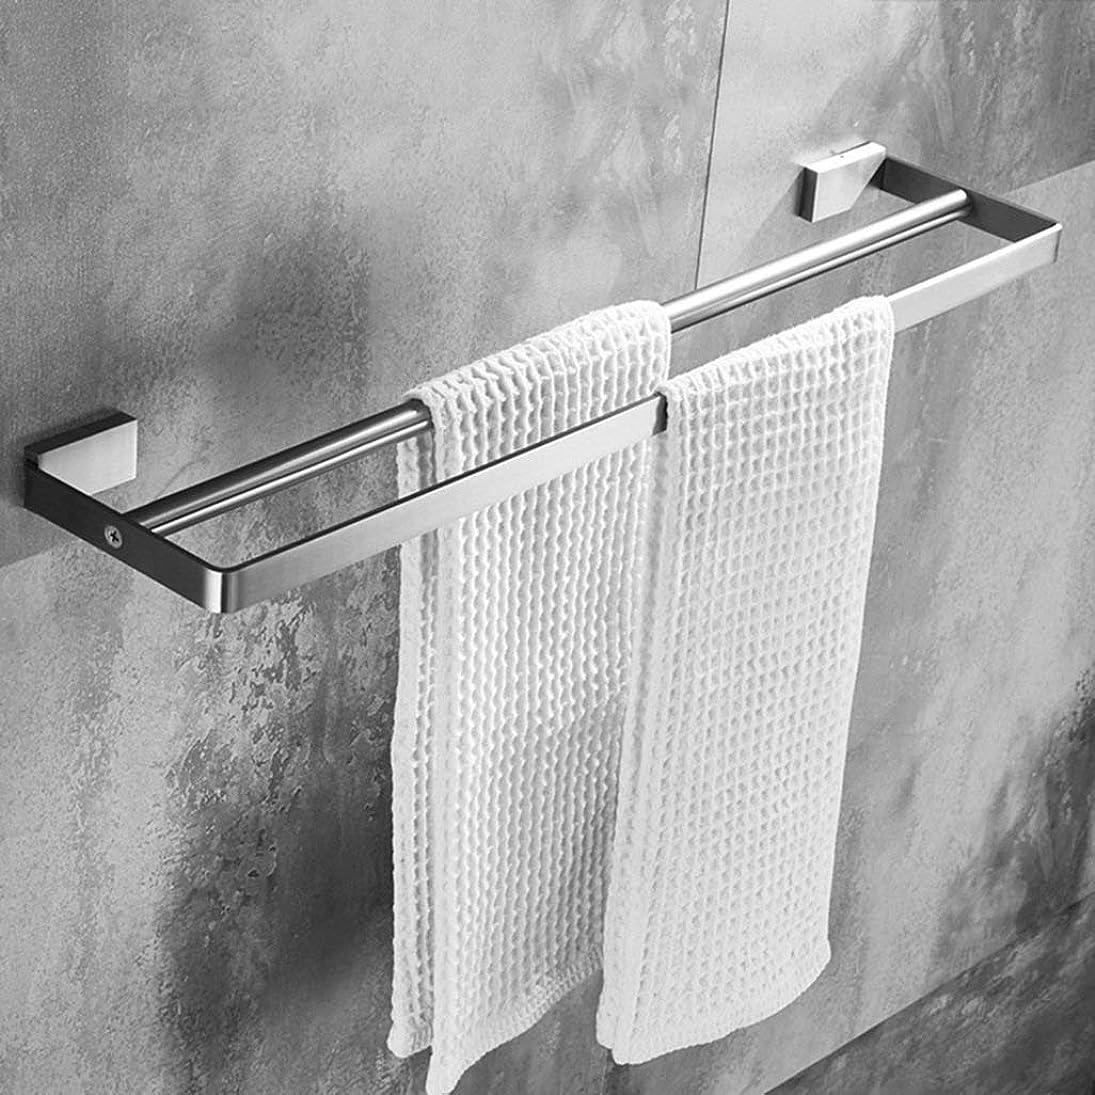 シリンダー抜け目のない石油浴室のタオルラック ダブルタオルバーウォールは、バスルームやキッチン(60センチメートル)のために304ステンレス鋼のタオルラックつや消し仕上げをマウント バスルーム収納ラック